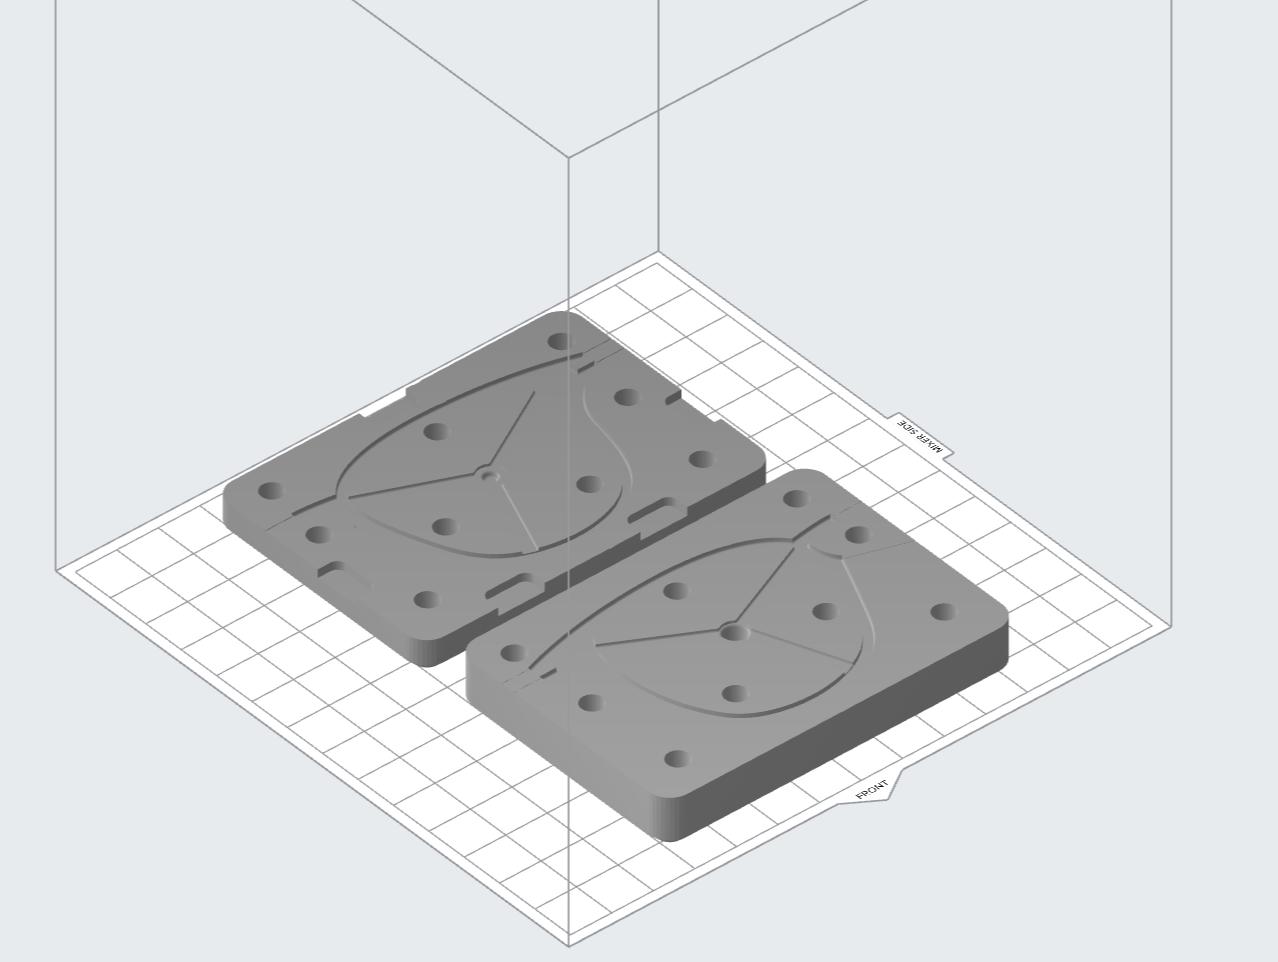 Divers modèles de moules à injection dans le logiciel de préparation d'impression PreForm de Formlabs.